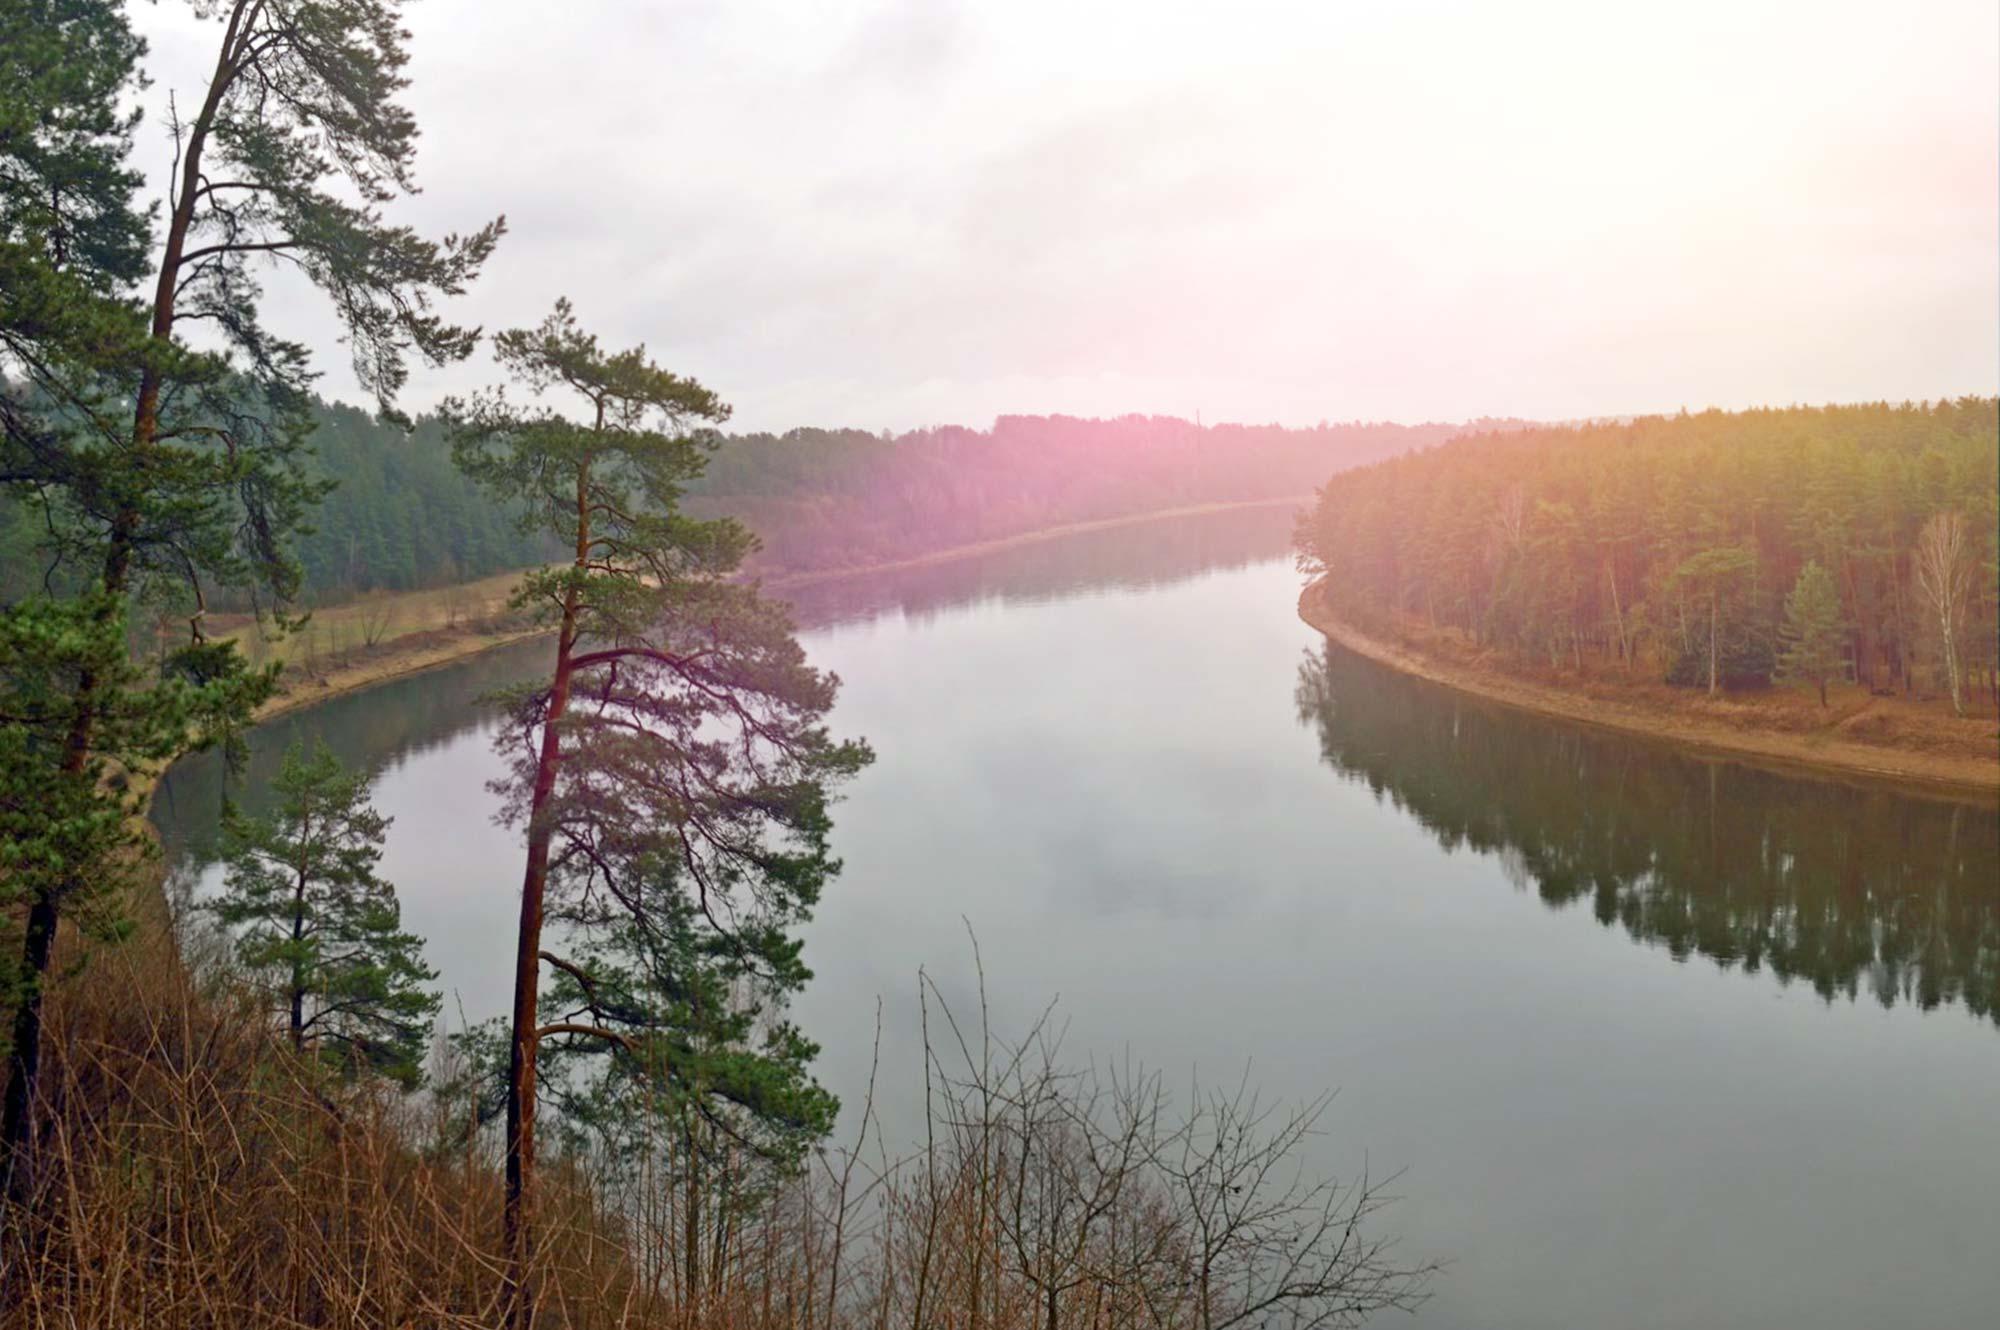 Škėvonių pažintinis gamtos takas (Birštonas)